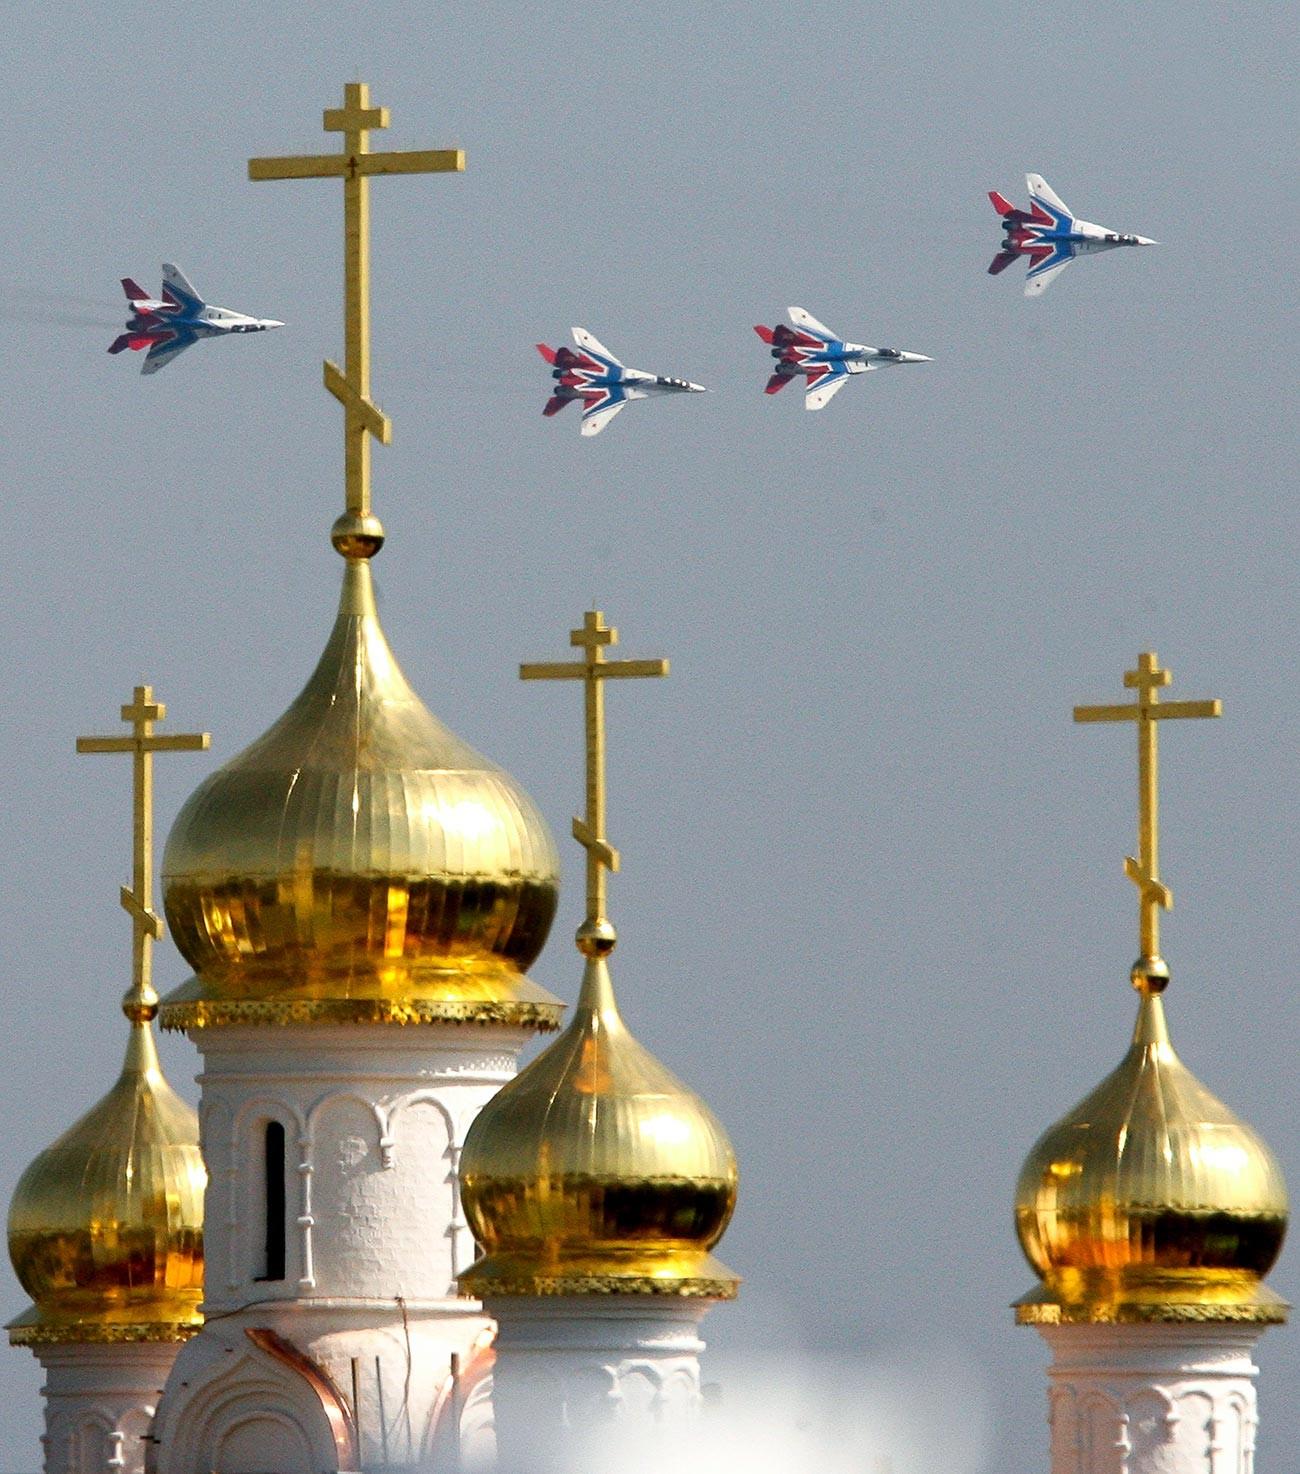 Le groupe de voltige aérienne Striji vole au-dessus d'une église orthodoxe au cours du salon aérospatial MAKS-2007